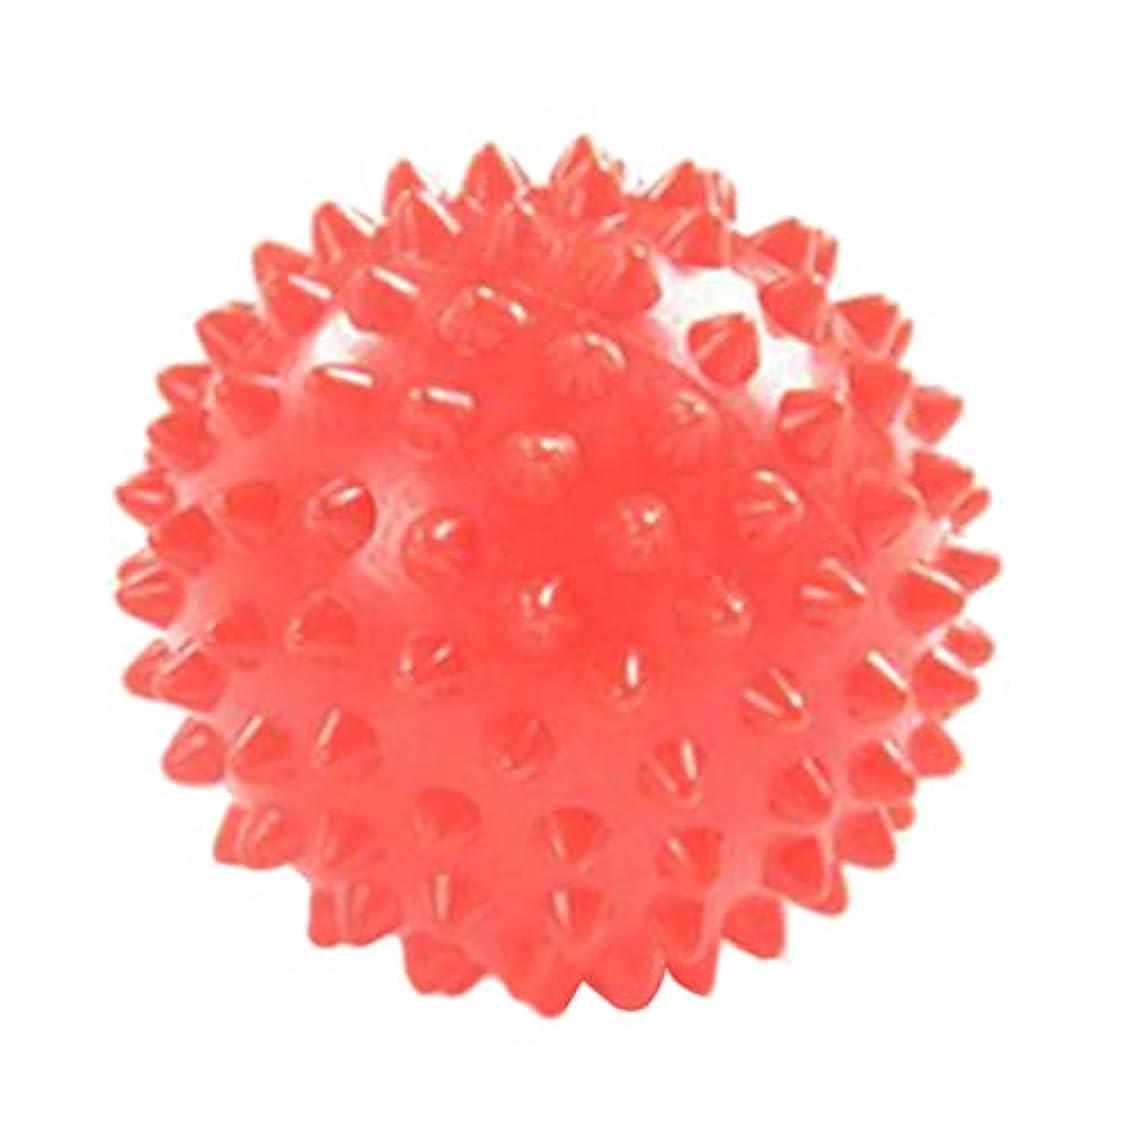 致死被る歩き回るFLAMEER マッサージボール ツボ押し ヨガボール 触覚ボール 7cm オレンジ